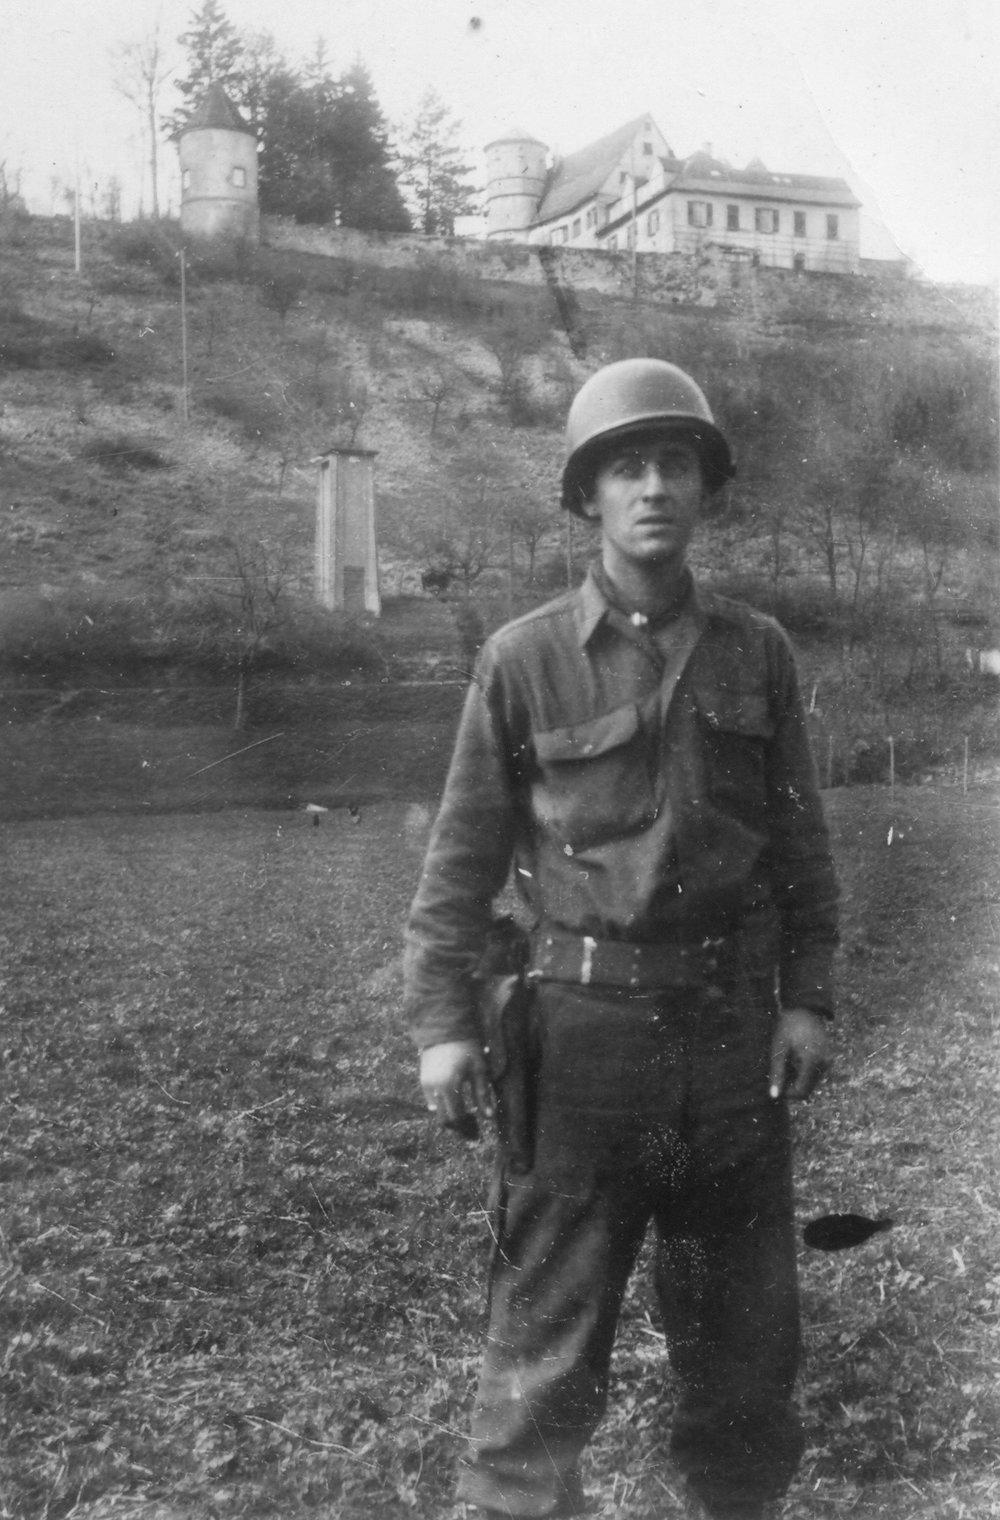 Harold Krull, 1945